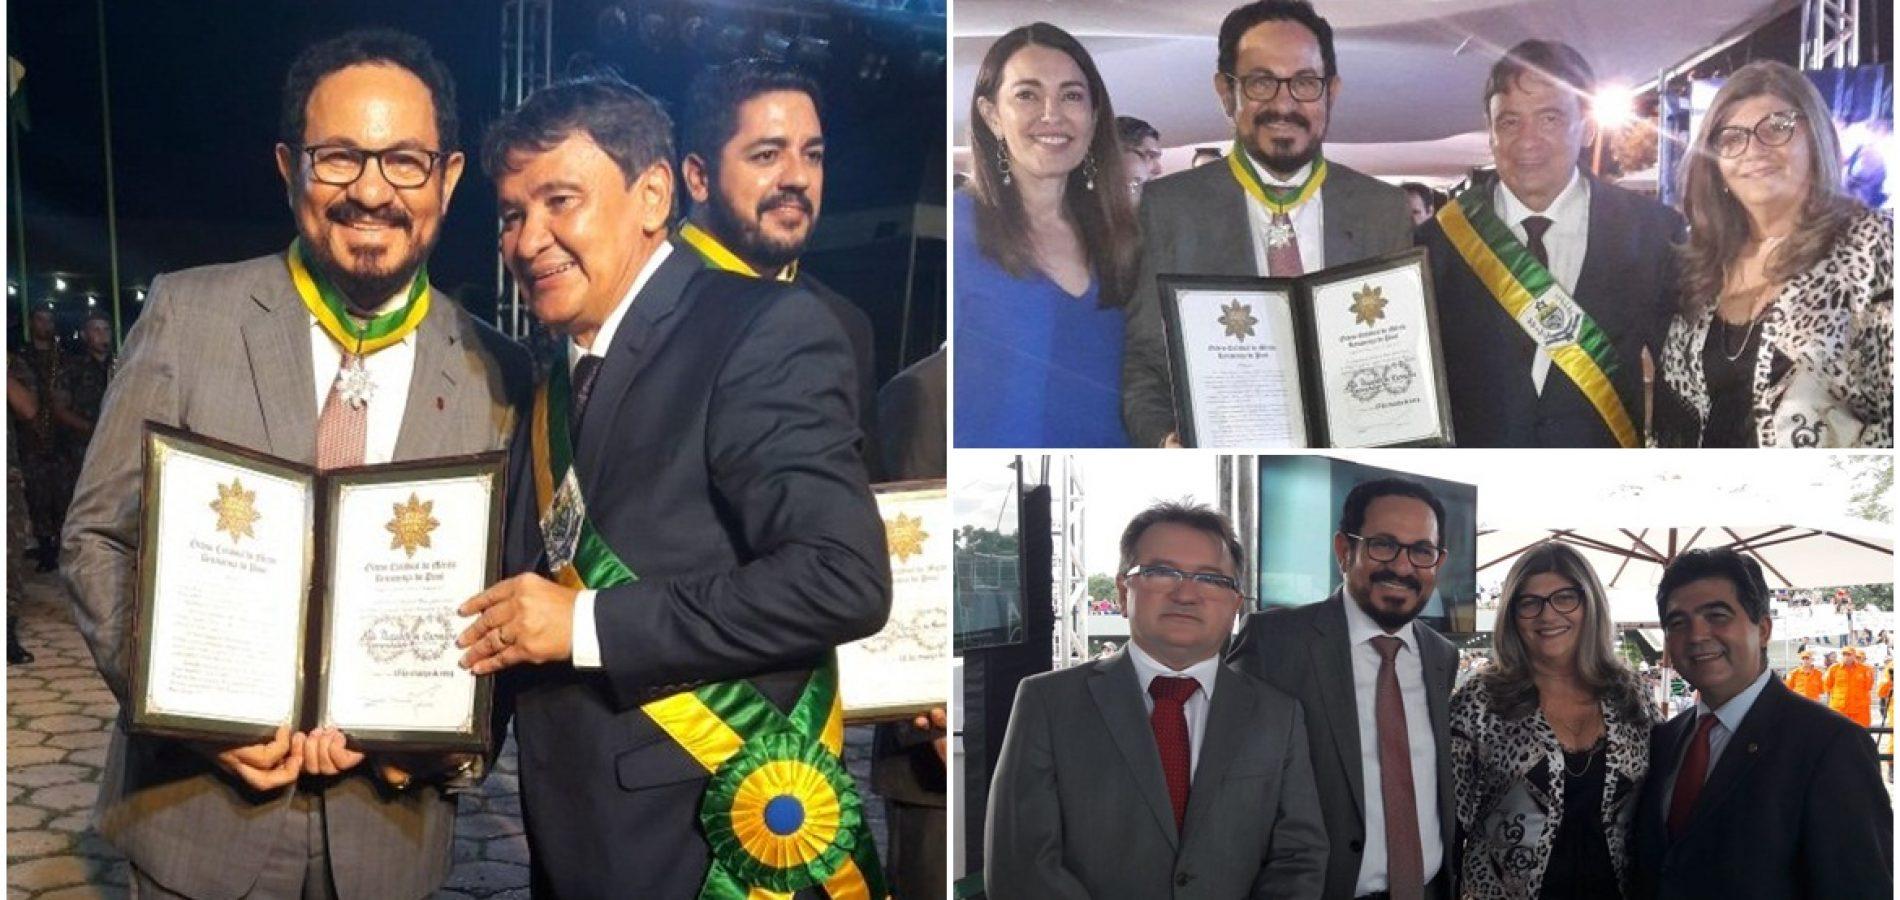 GENTE EM EVIDÊNCIA | Advogado João Deusdete recebe a mais alta Comenda do Estado do Piauí